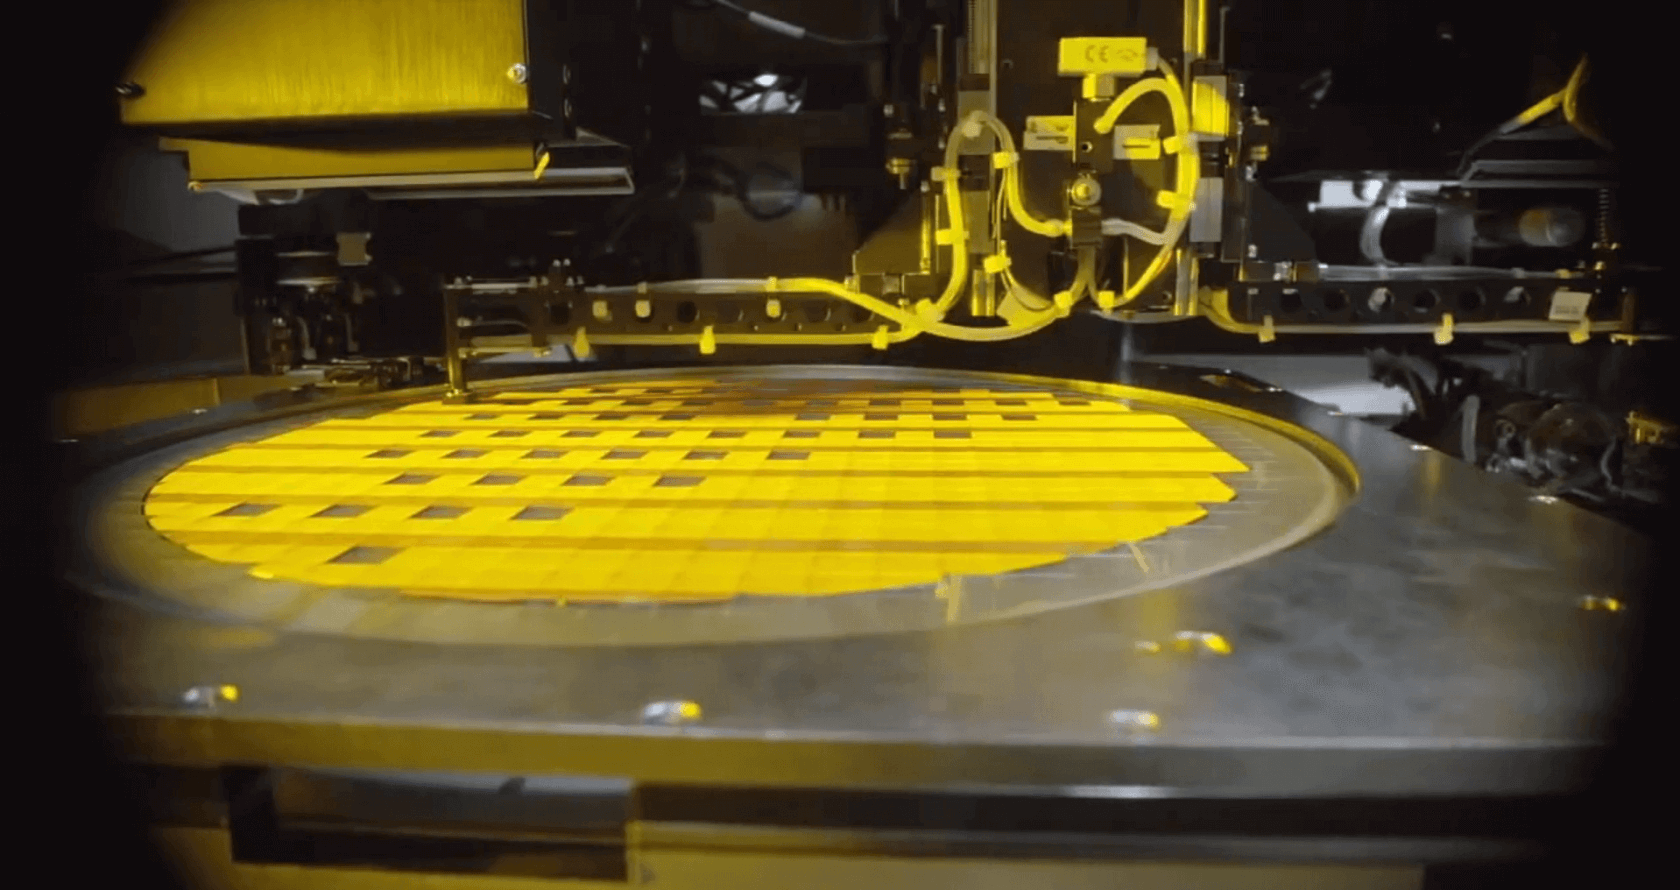 عملاق أشباه الموصلات TSMC يكشف عن وصوله لعملية تصنيع محسنة بدقة 6nm!